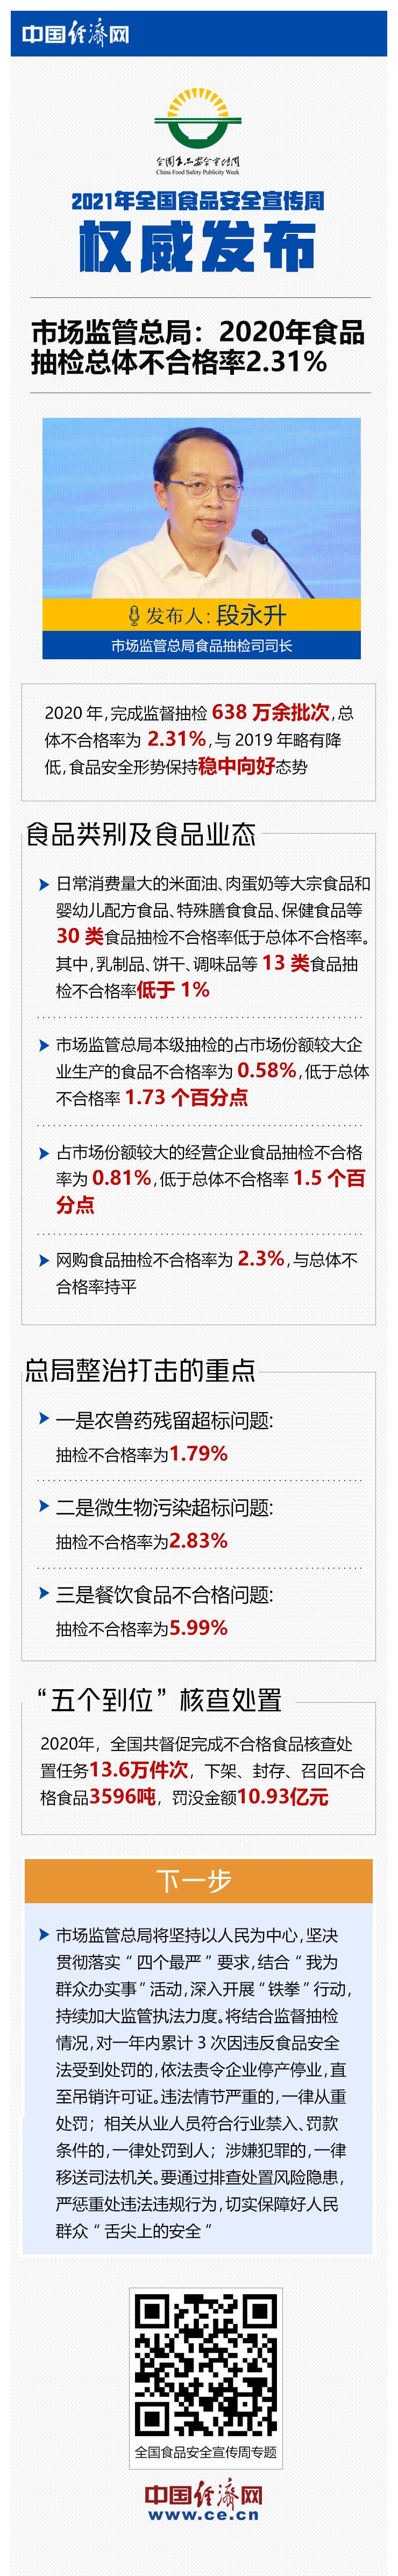 【图解】市场监管总局:2020年食品抽检总体不合格率2.31%